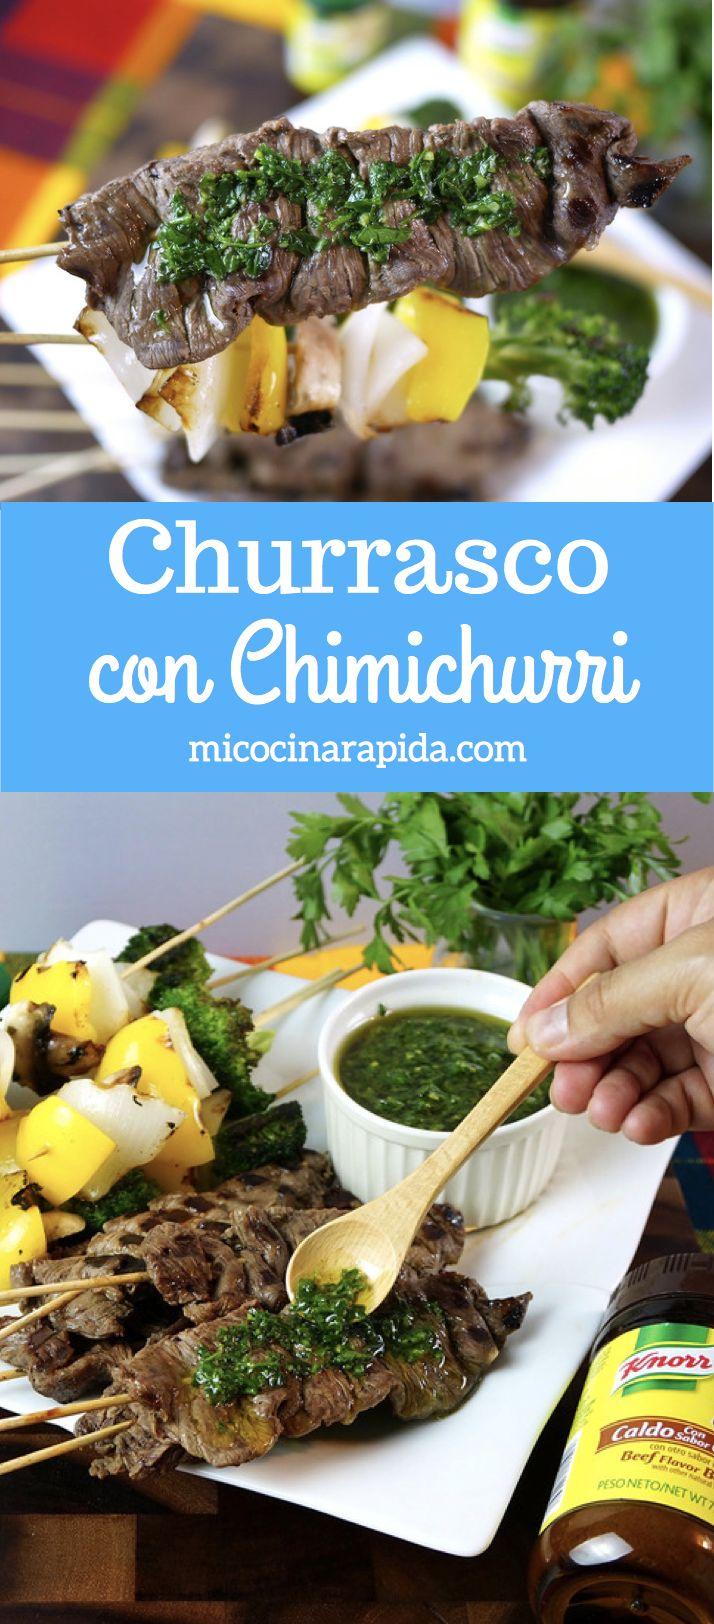 El Churrasco es un buen trozo de carne marinada en cítricos que después se cocina en la parrilla o sobre leña. Y claro, como toda receta hay diferentes maneras de prepararlo y aquí te comparto ésta que encontré enViveMejor.comy va a compañada de una deliciosa Salsa Chimichurri. Receta =>http://bit.ly/2uKgIH8 #MiCocinaViveMejor#ad